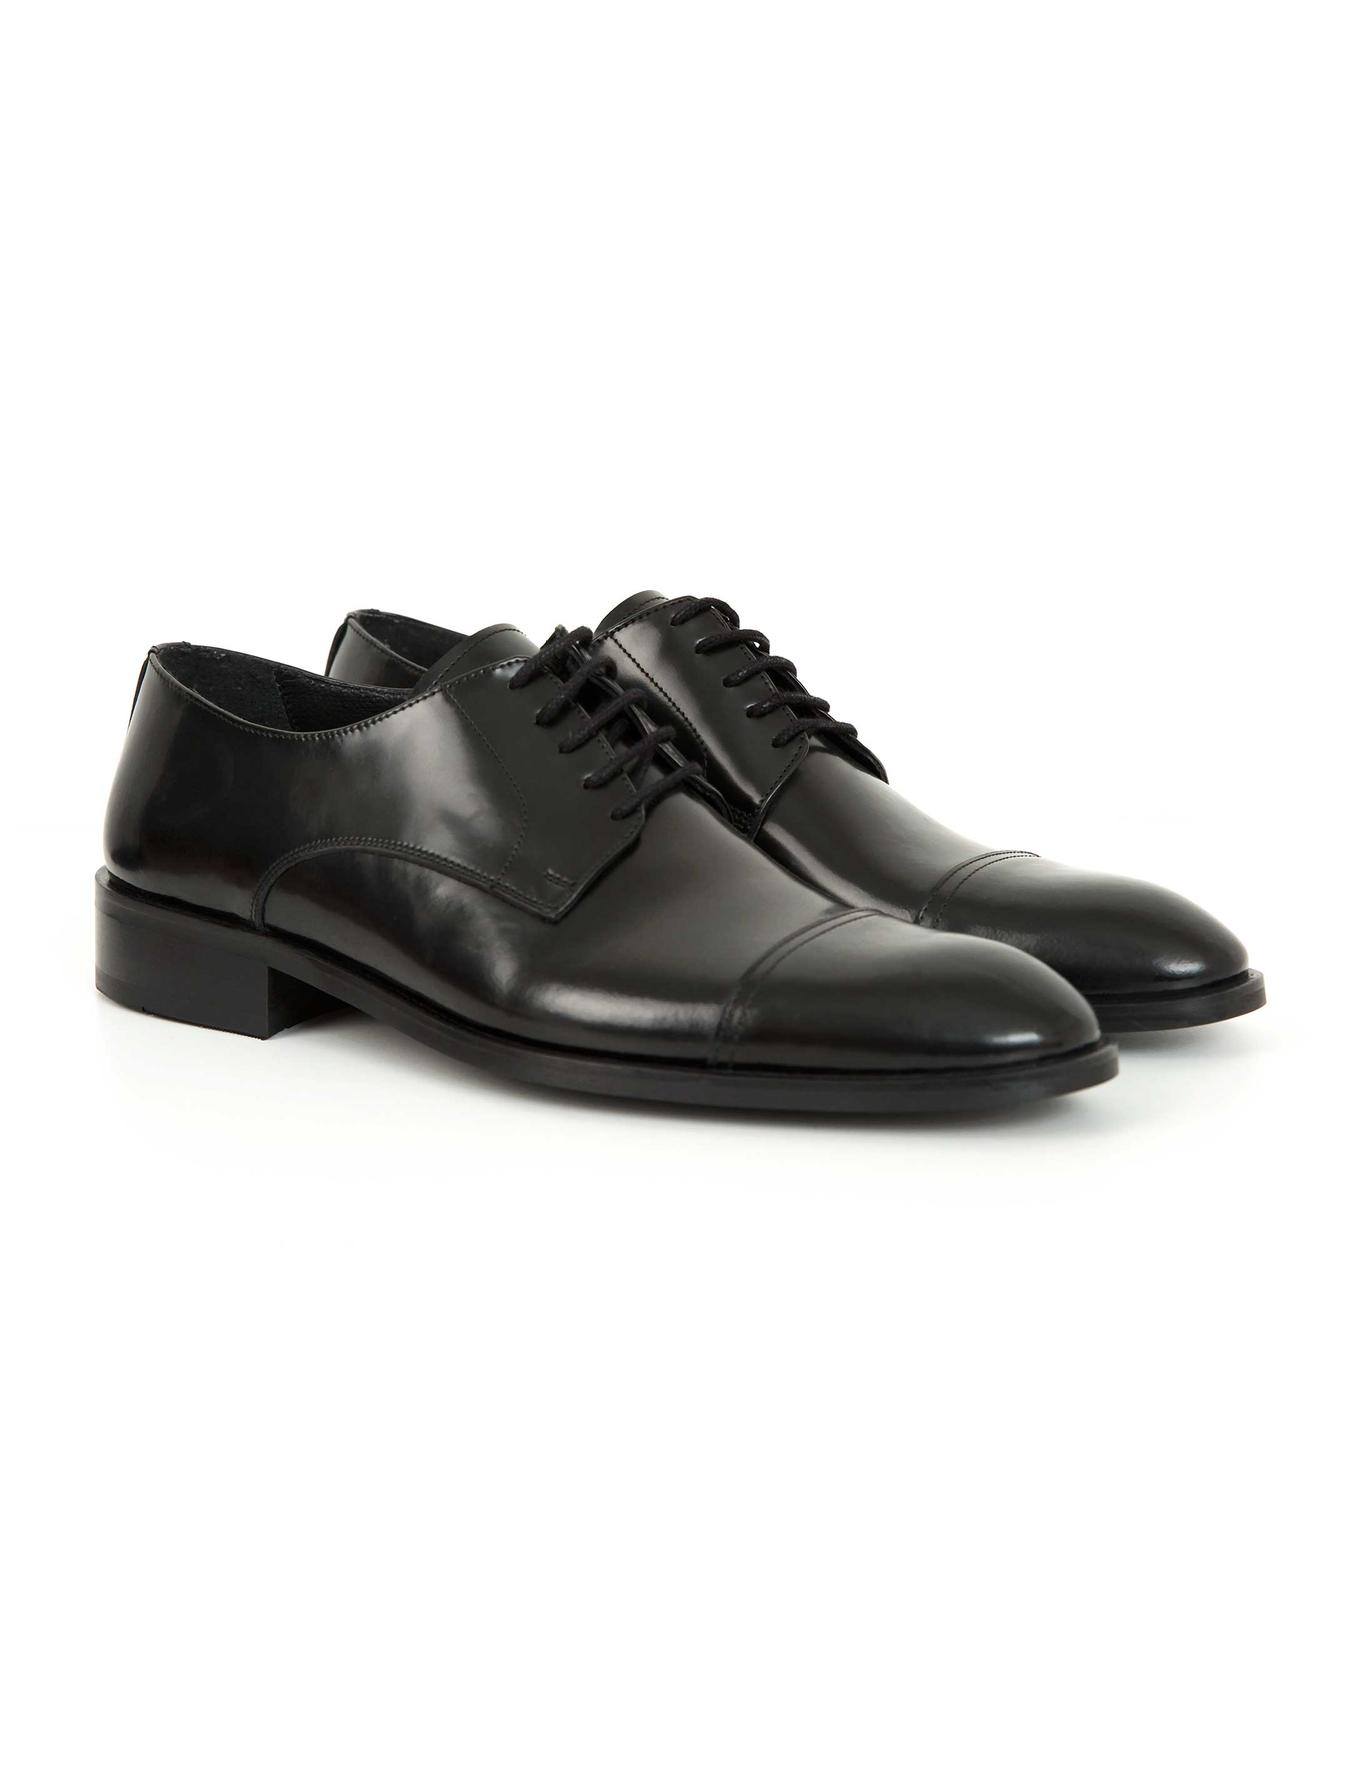 Füme Ayakkabı